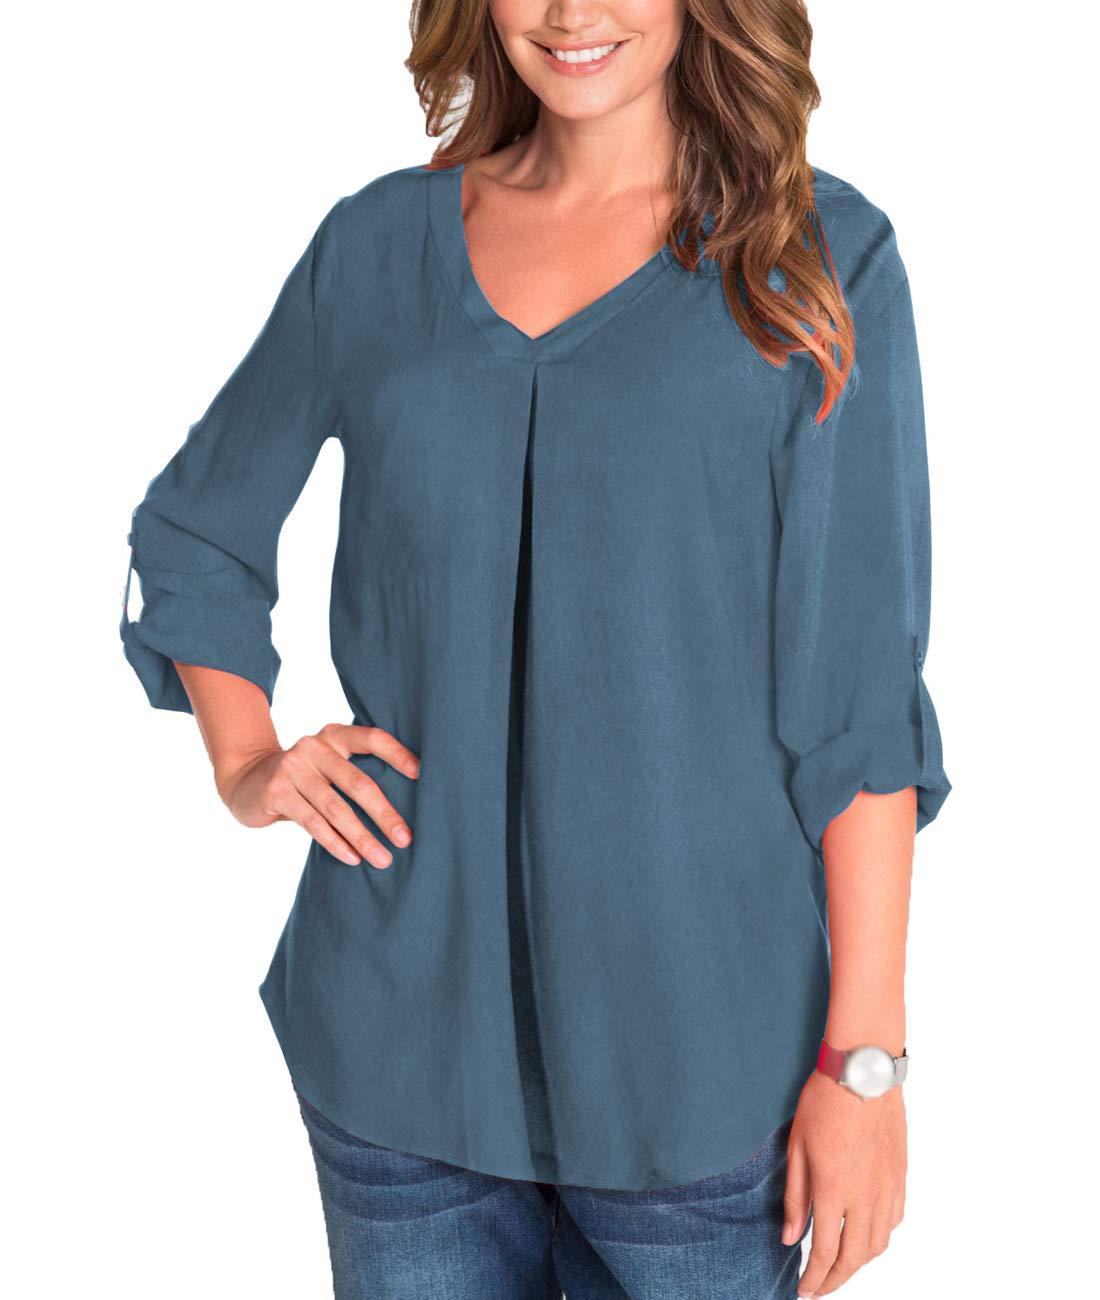 Fleasee dam blus v-ringad långärmad tröja 3/4 ärm chiffong tunika lösa toppar toppar blå grå